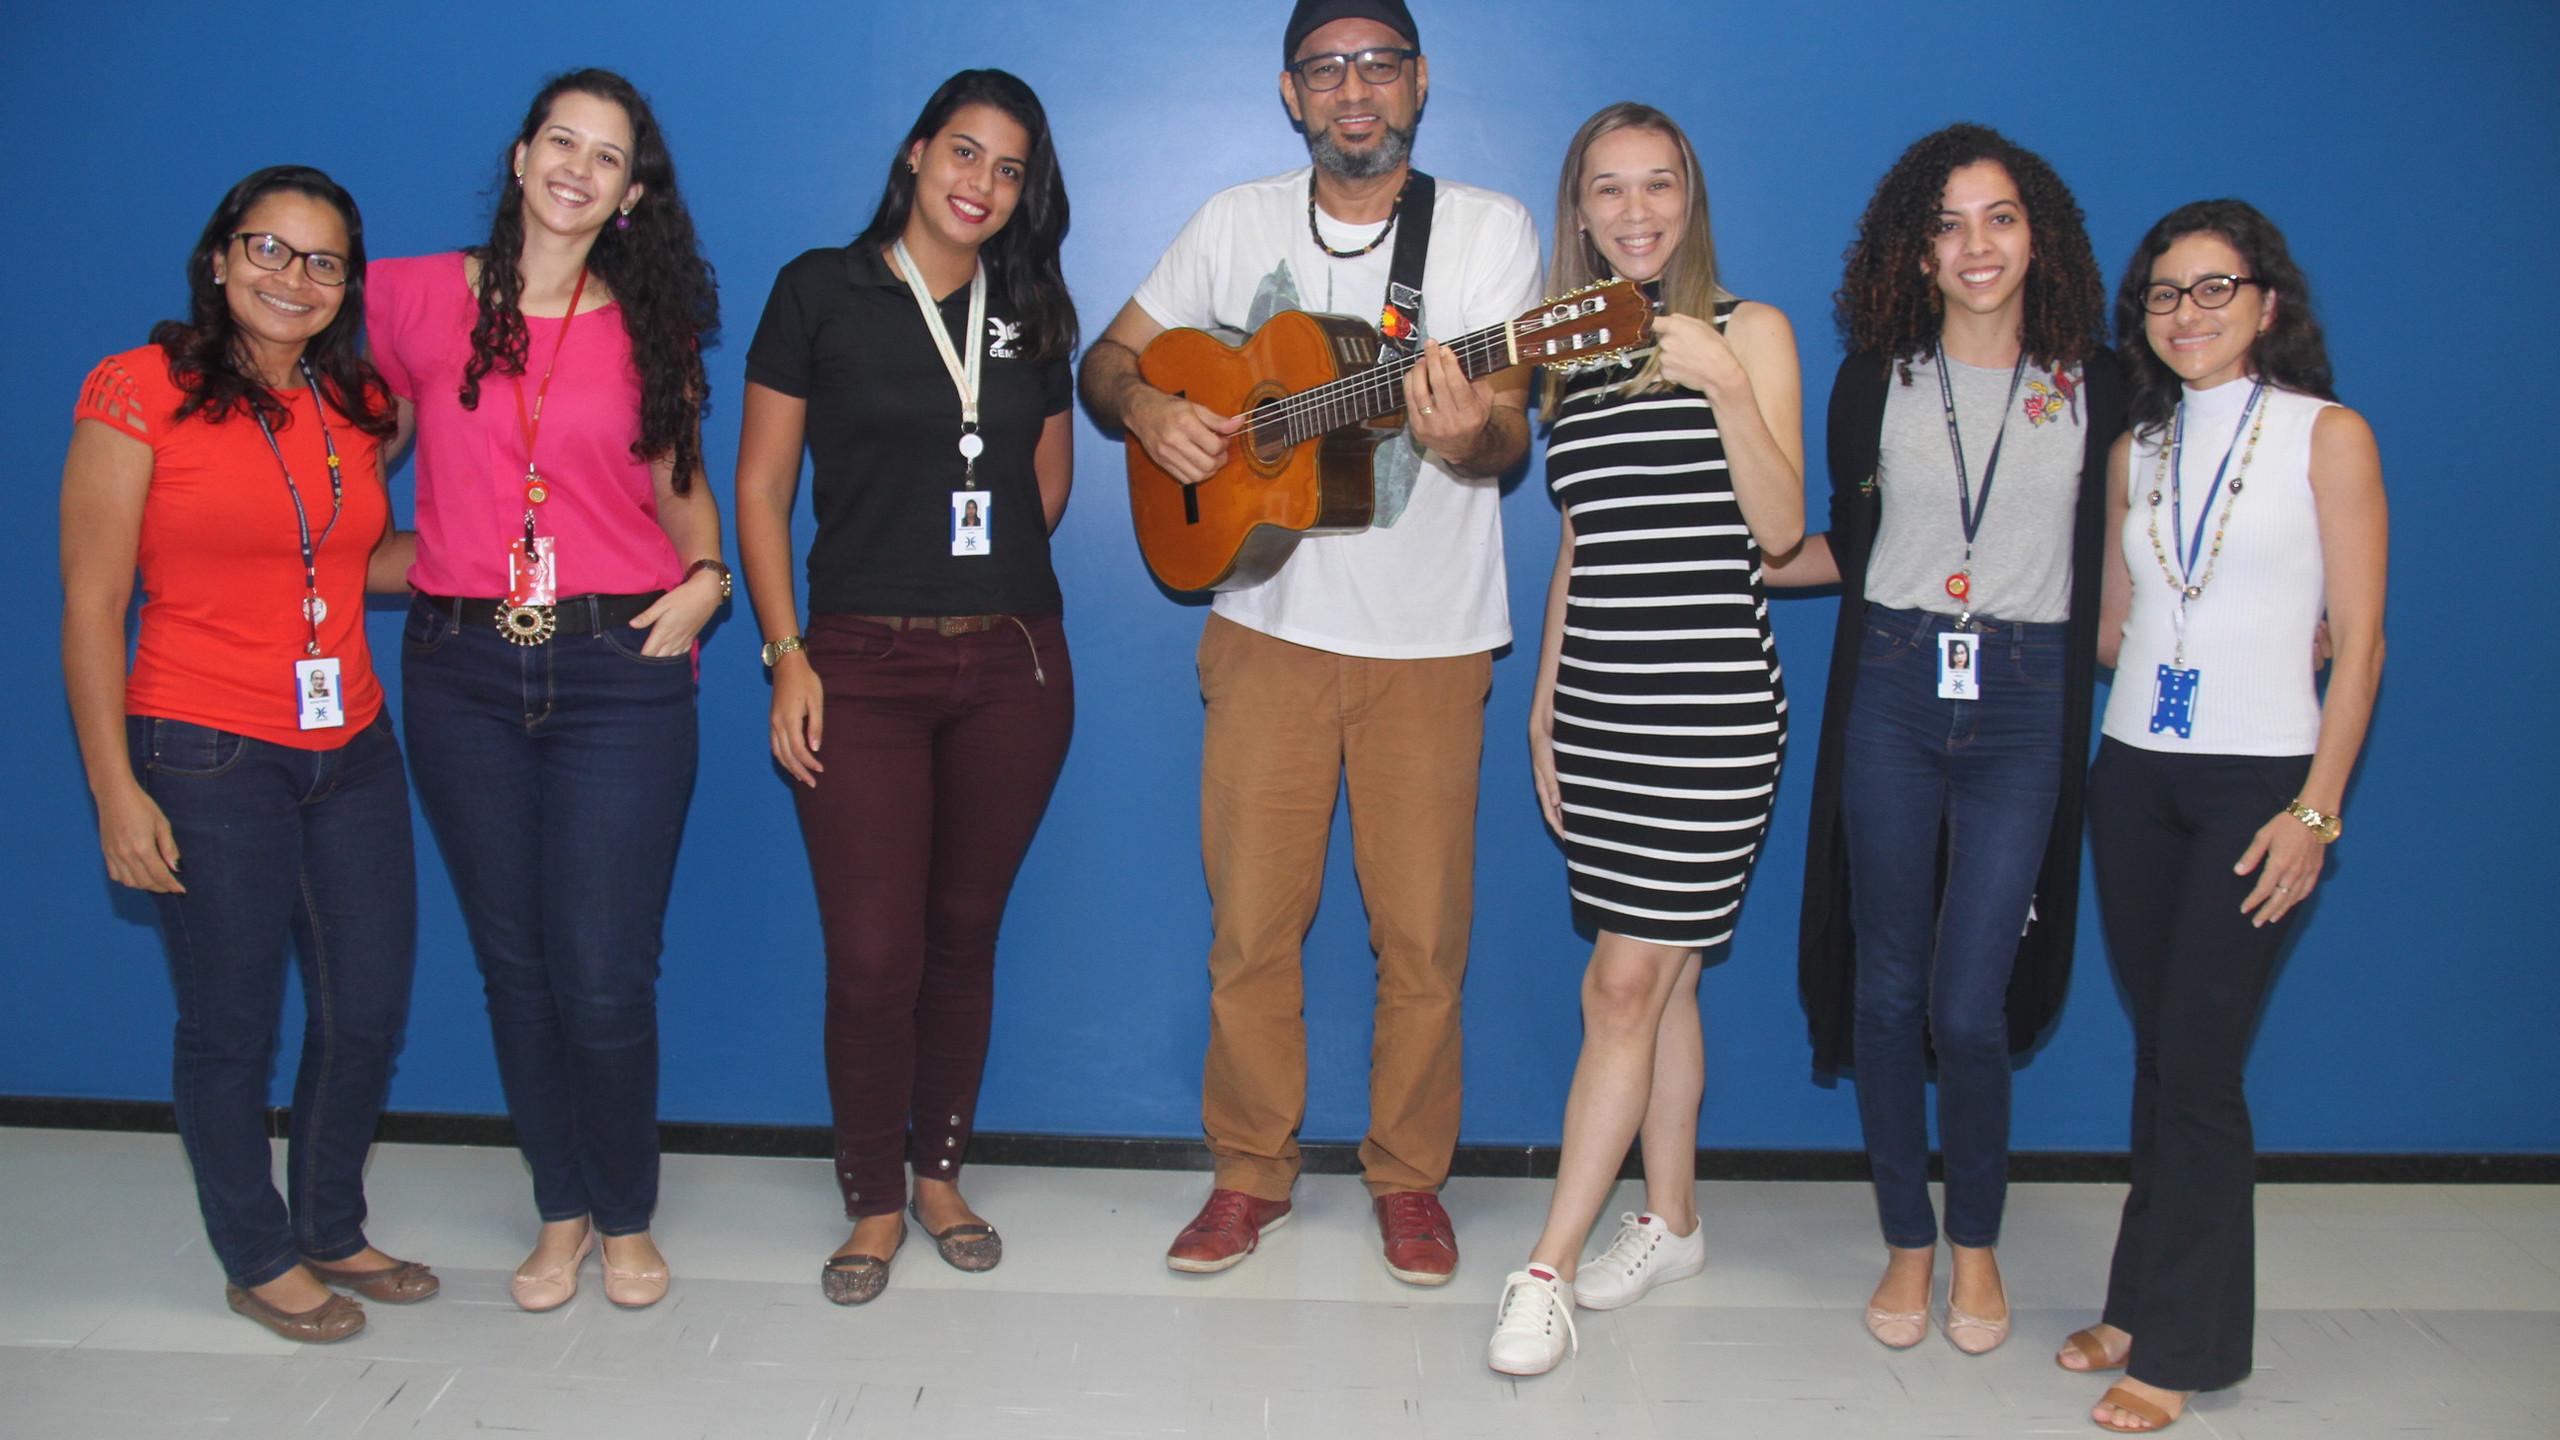 O cantor César Nascimento com a Equipe de Marketing da Cemar: Jeane Pires, Jacelena Duarte, Hariadnna Lacerda, Janayna Diniz e Fernanda Torres.